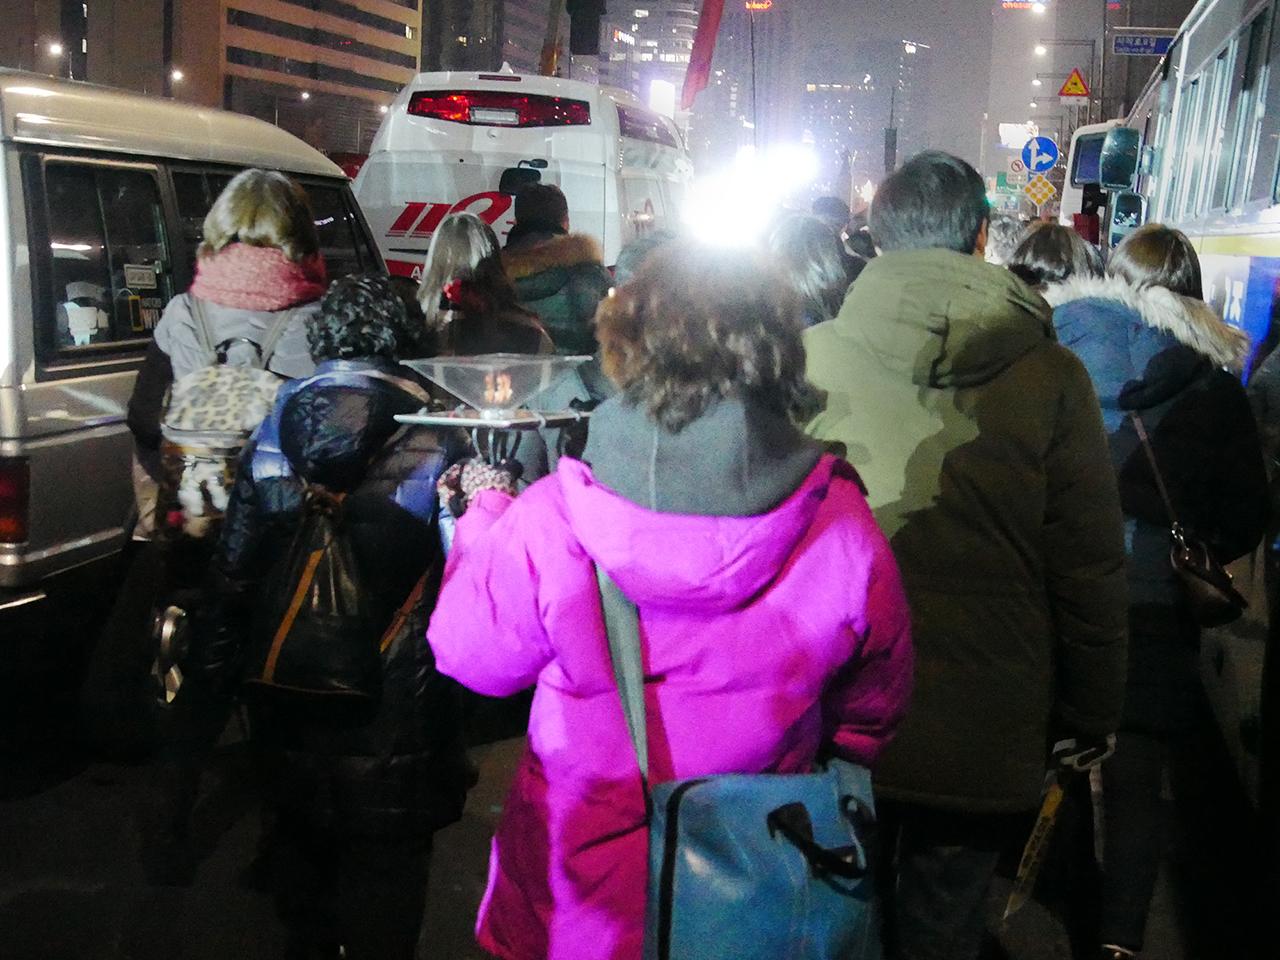 홀로그램으로 나타난 촛불 한 시민이 홀로그램을 이용해 촛불을 들고있다